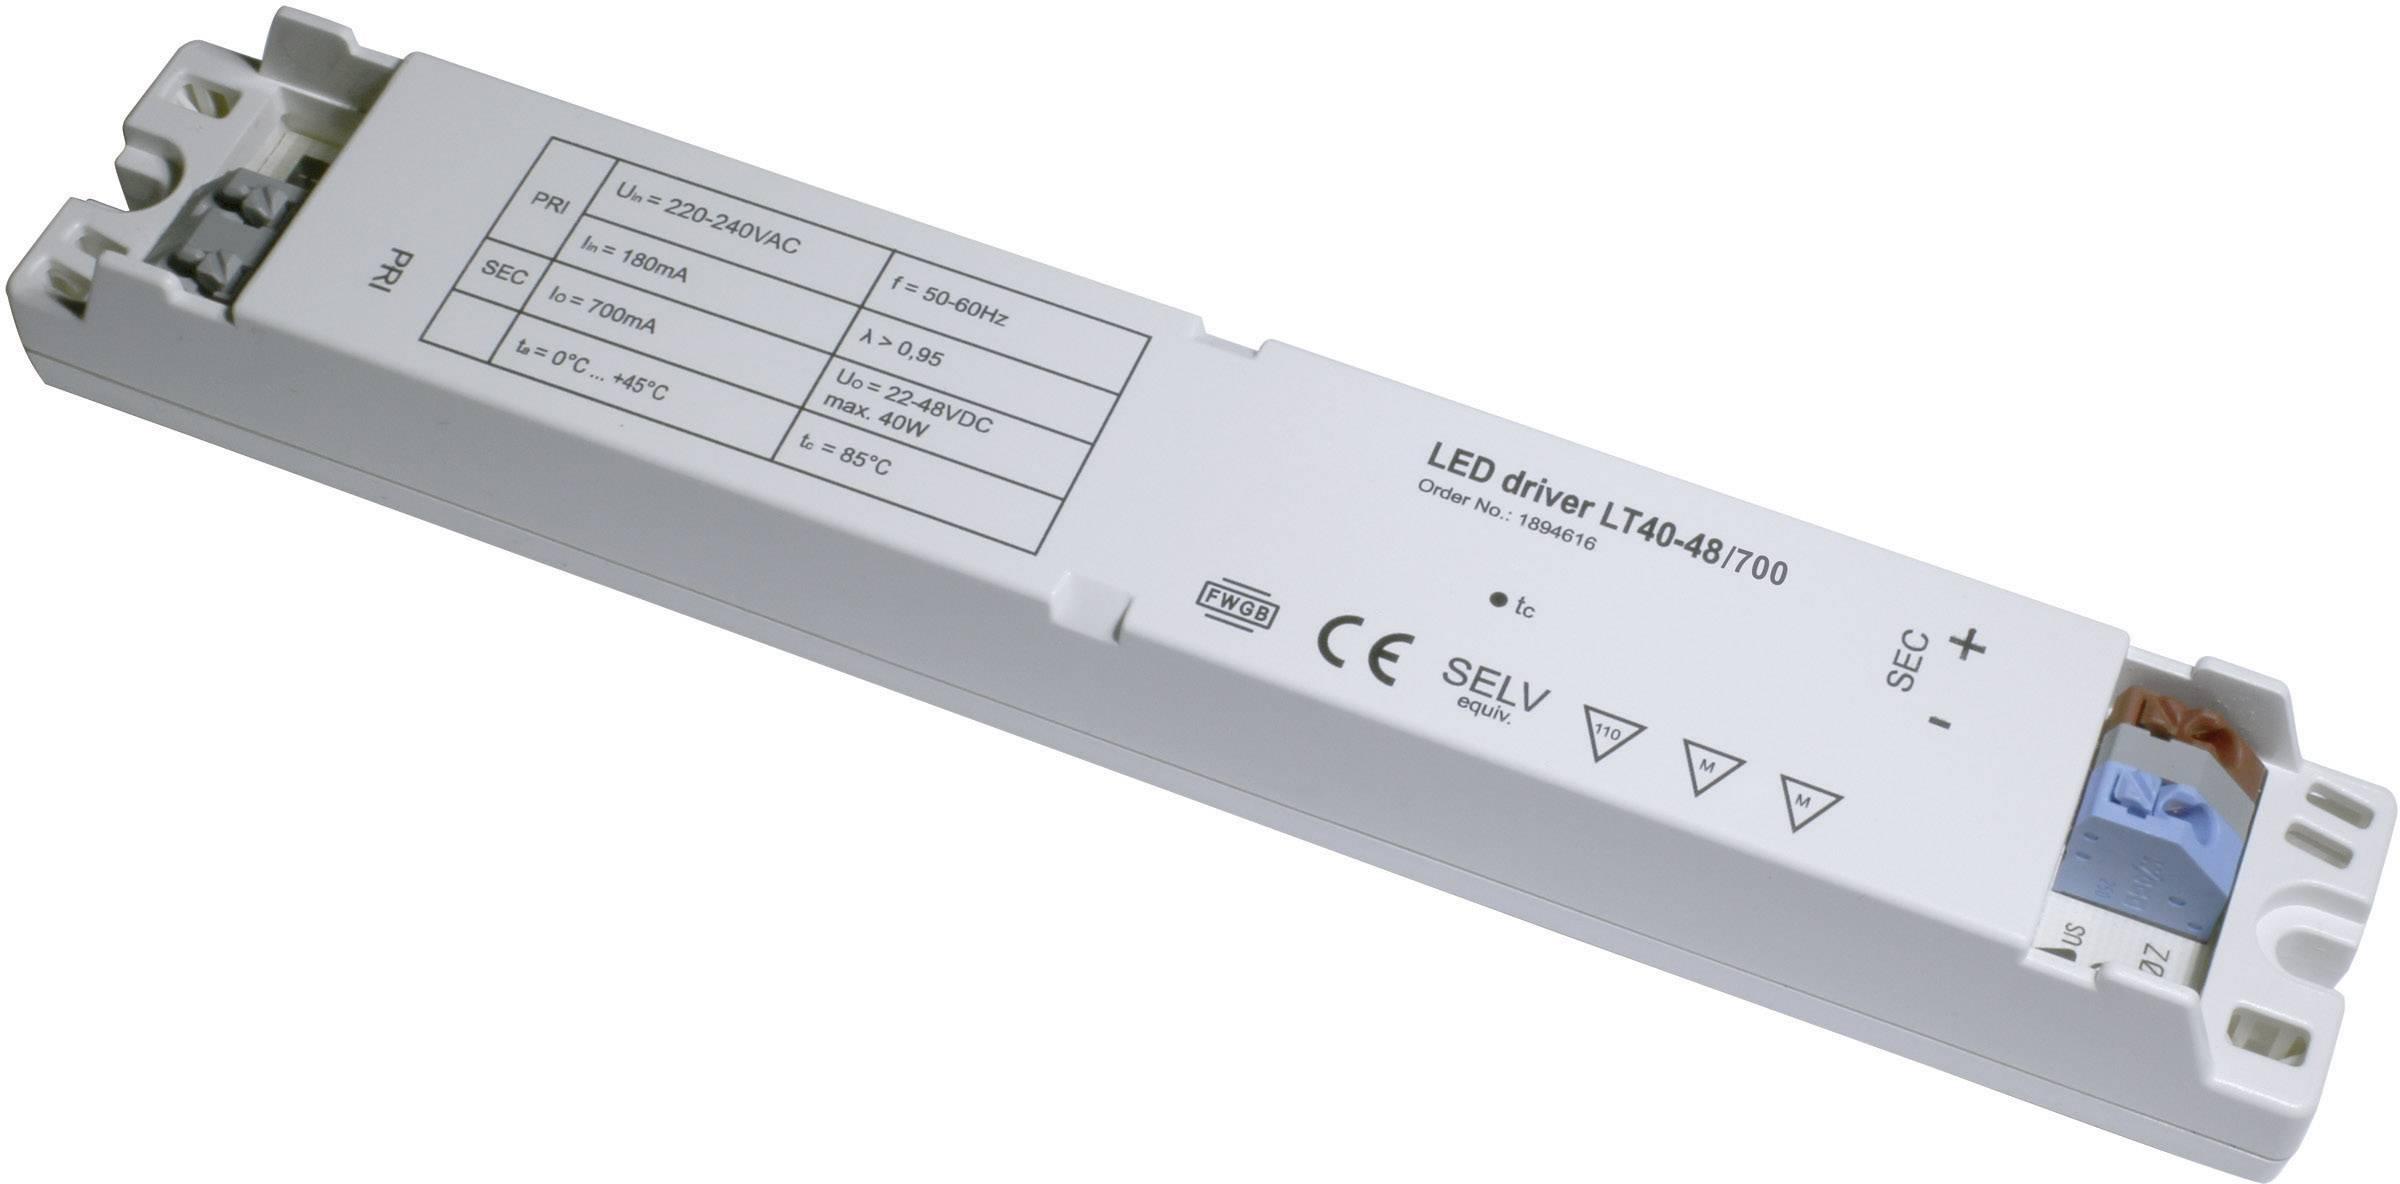 Napájací zdroj pre LED, LED driver LT40-48/700, 0.7 A, 22 - 48 V/DC